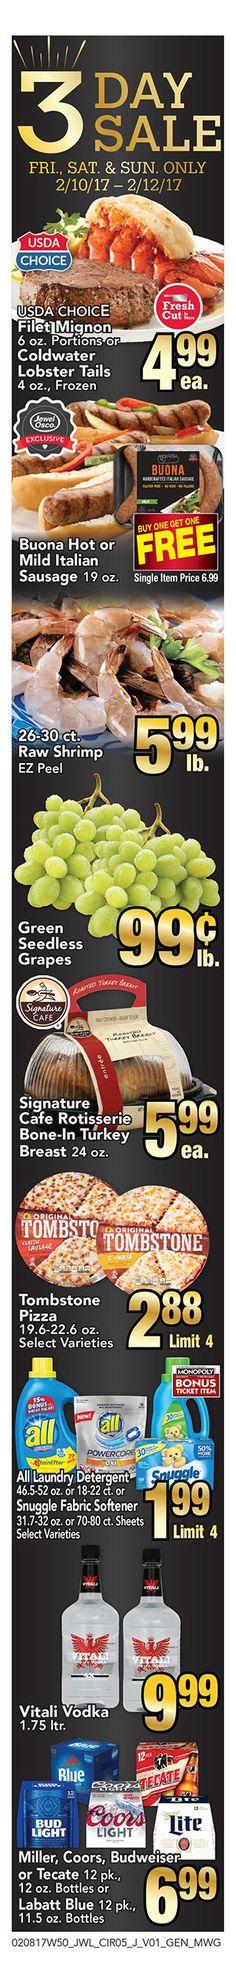 Jewel- Osco 3 Day Sale February 10 - 12, 2017 - http://www.olcatalog.com/grocery/jewel-osco-online.html